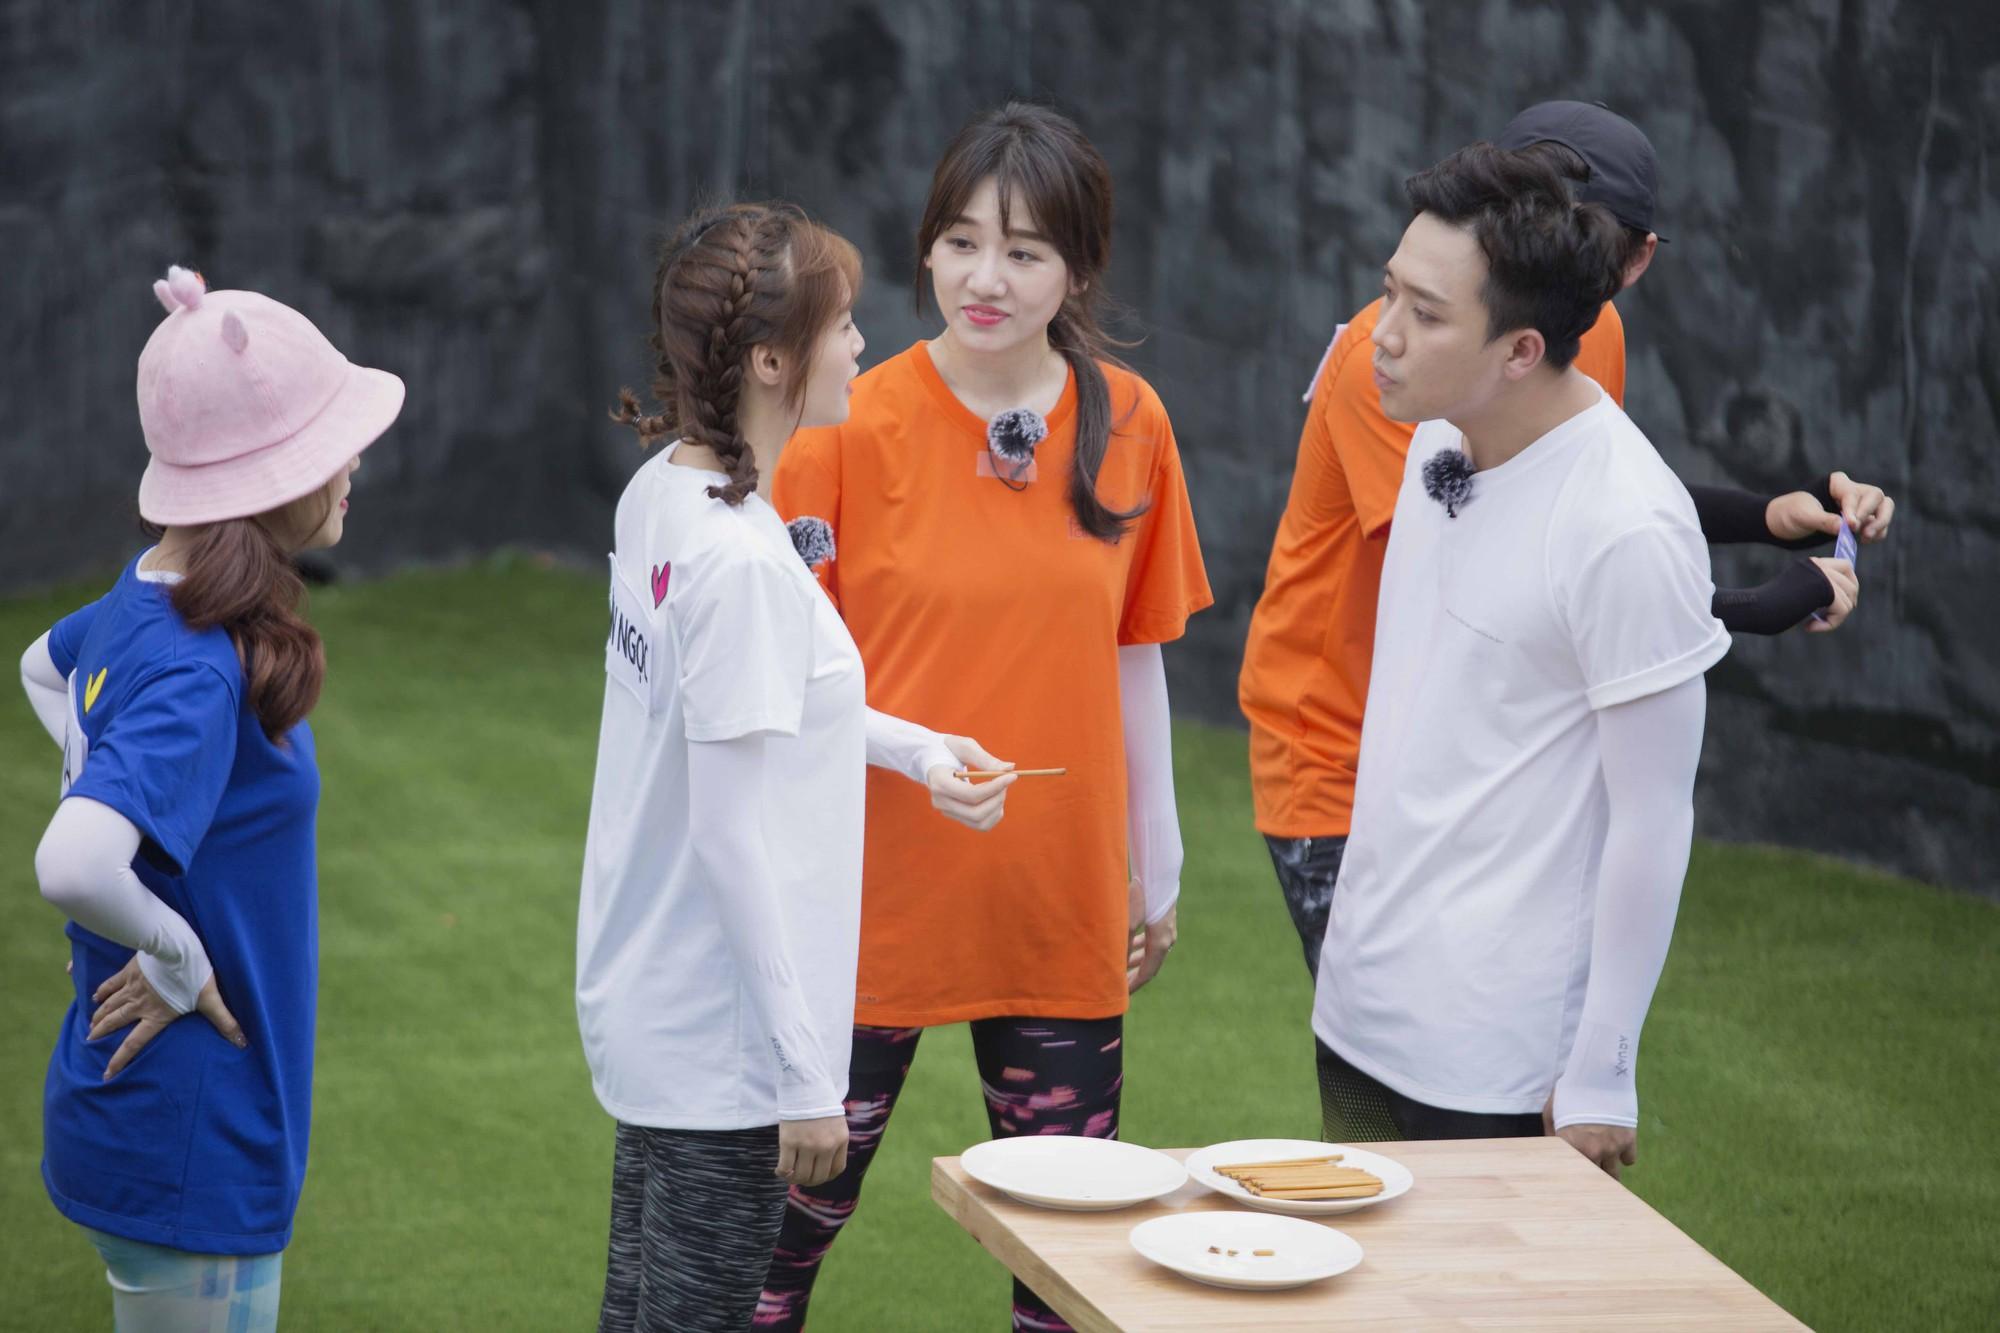 Running Man không lên sóng: Biết Lan Ngọc sắp hôn môi Trấn Thành, Hari Won tung chiêu đánh ghen khiến ai cũng choáng - Hình 4